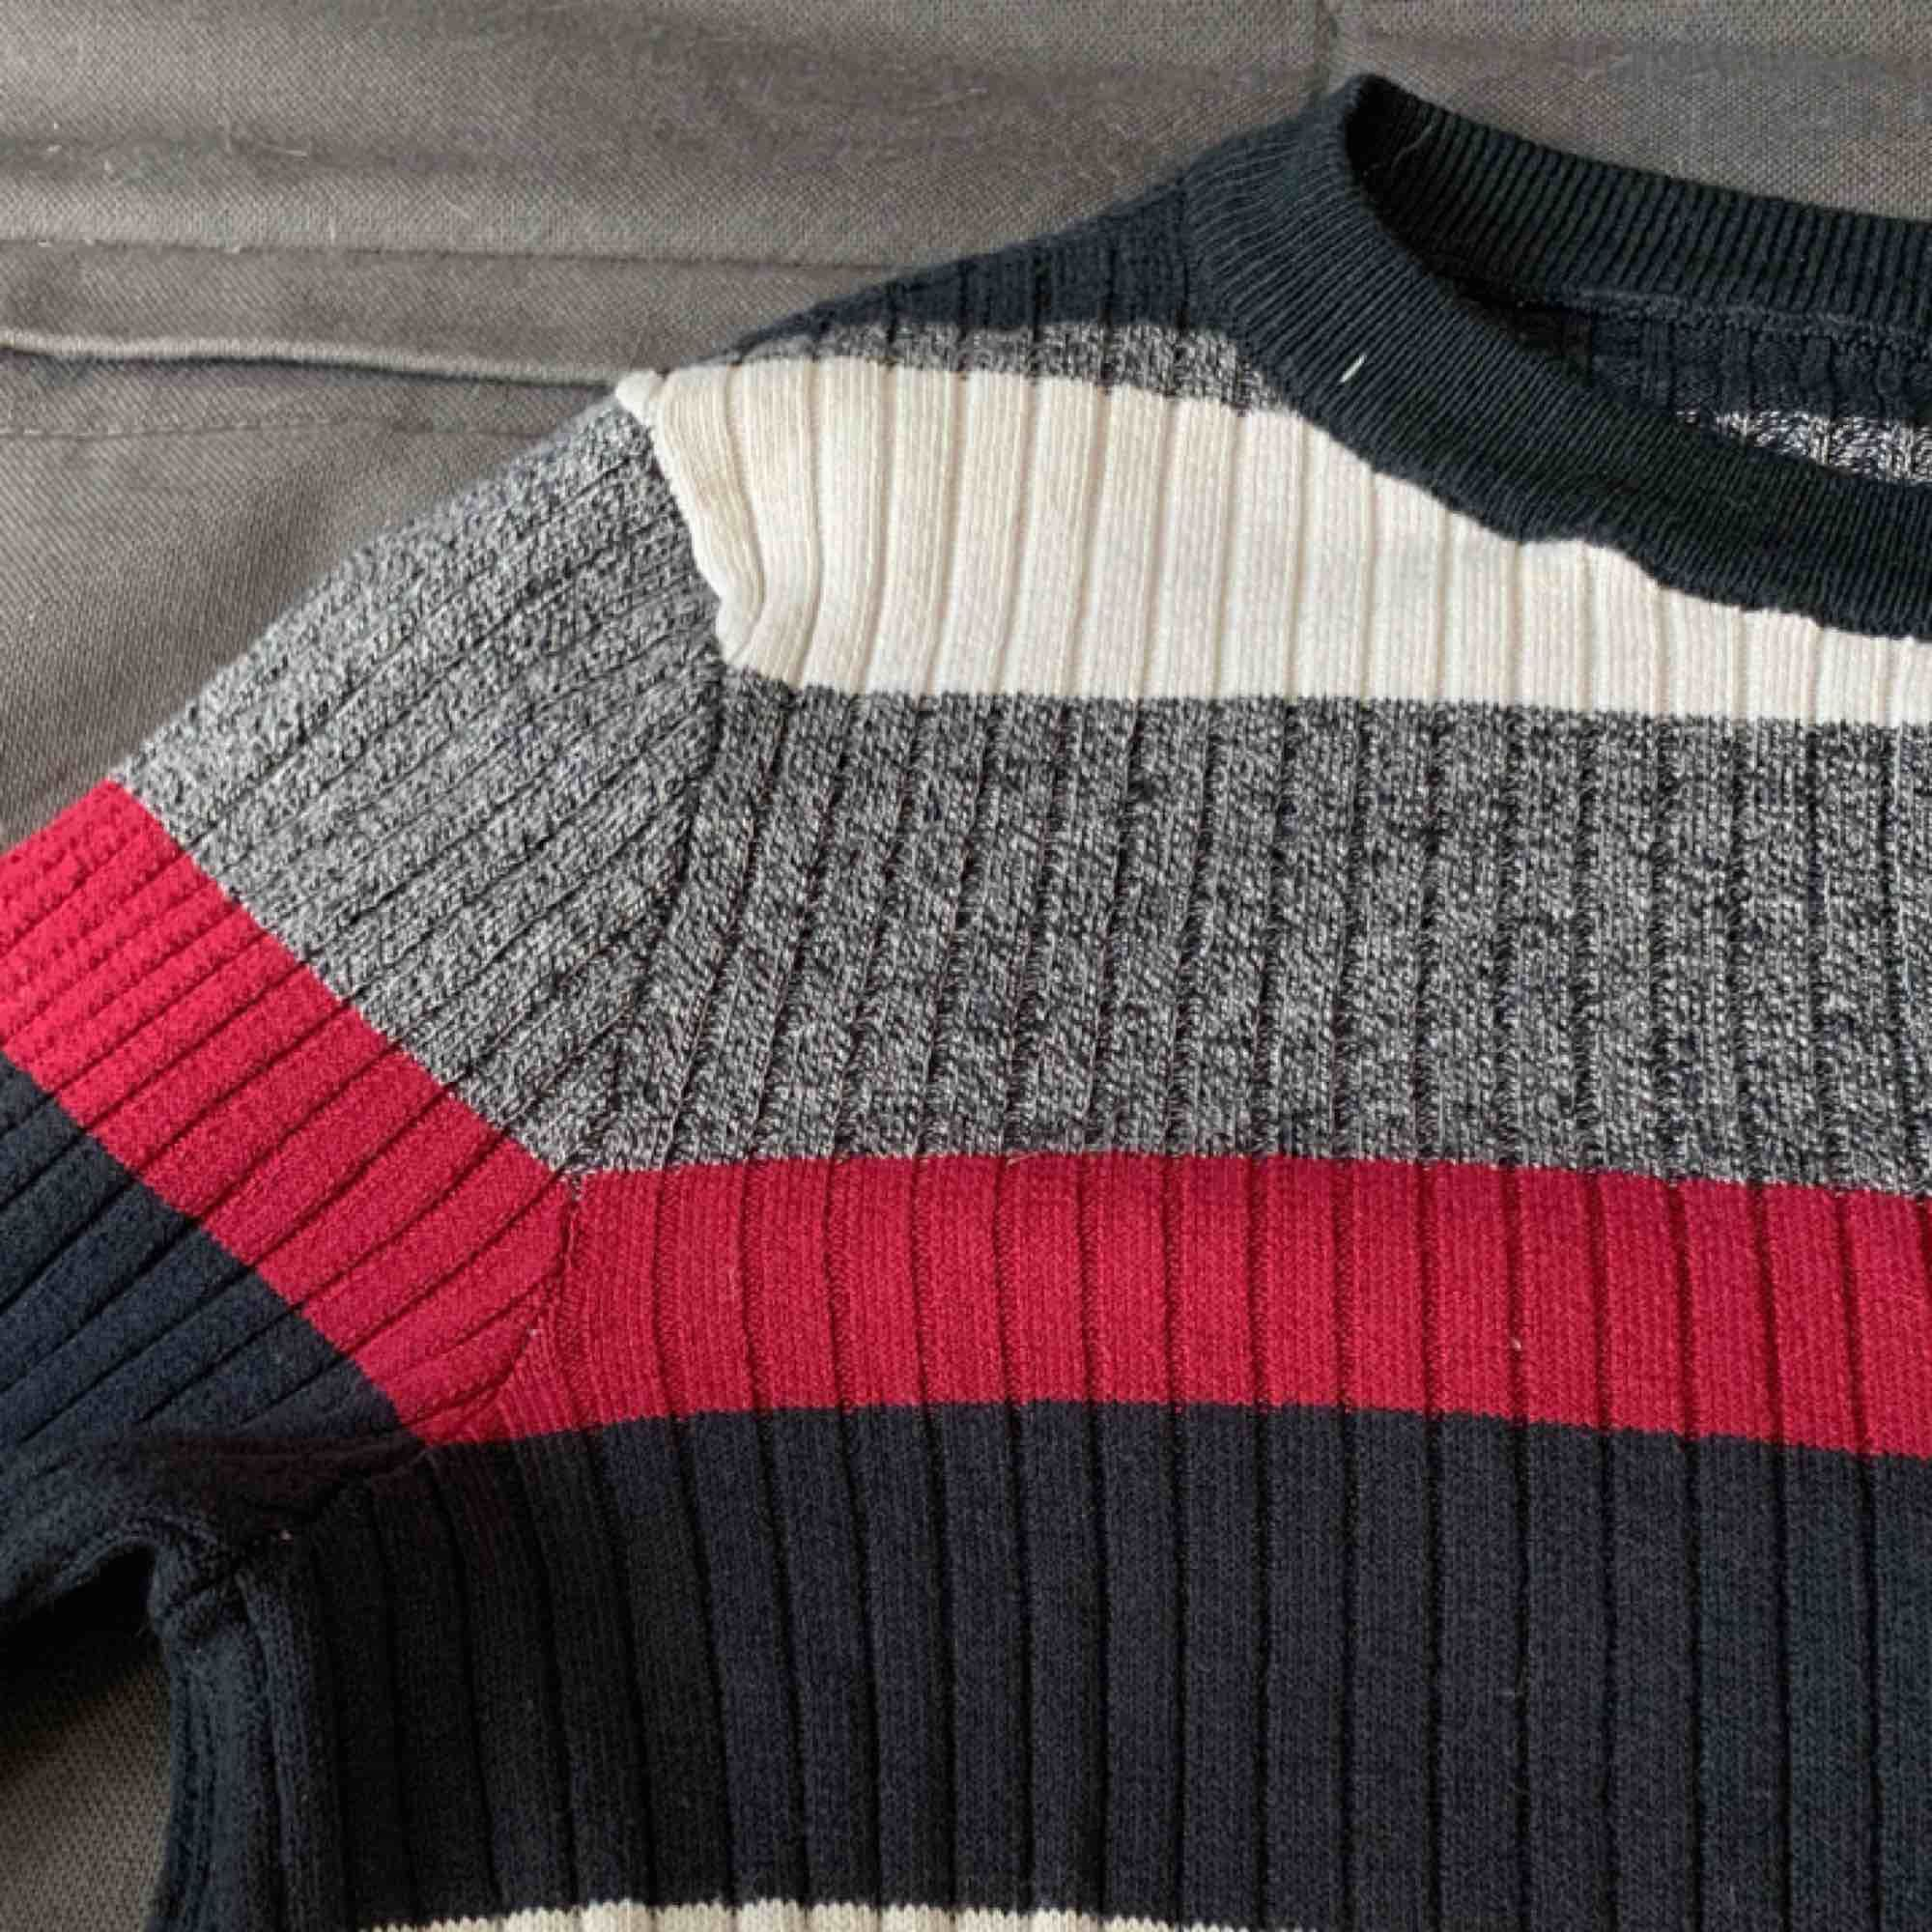 Supersnygg randig stockad tröja från h&m. Använd 1 gång förra hösten så i superbra skick. Perfekt till hösten. Stickat.